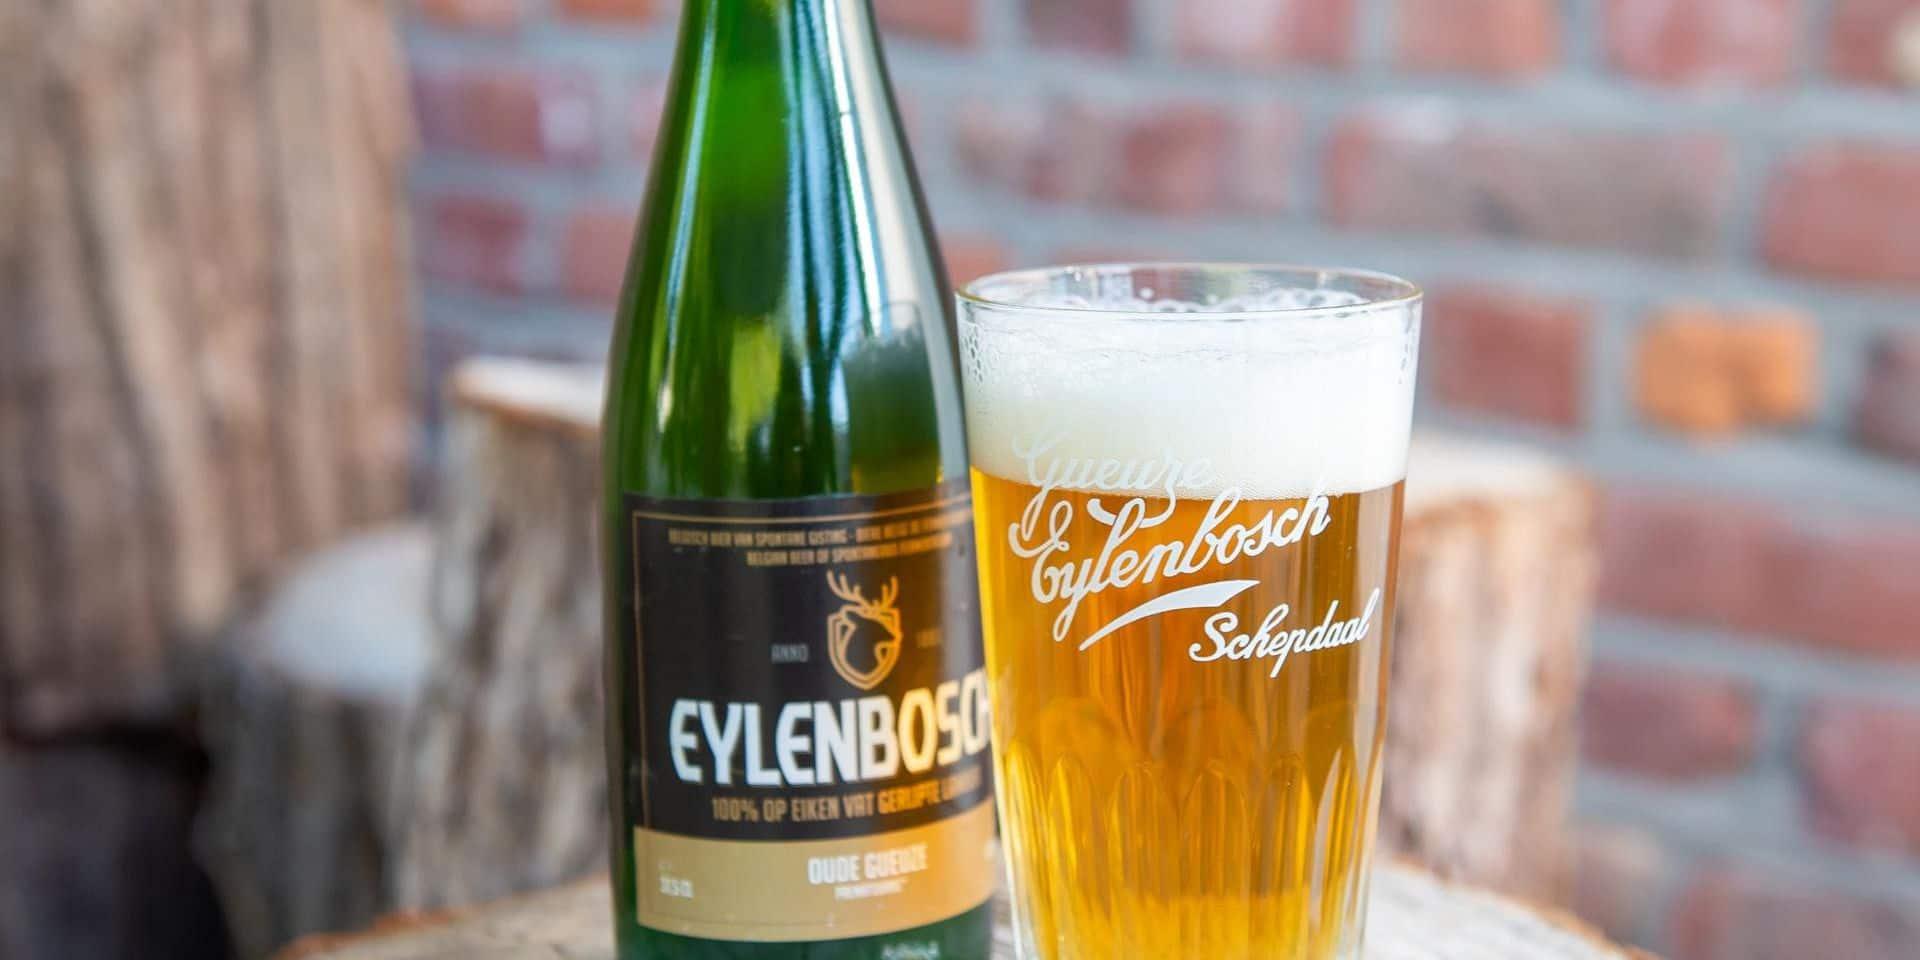 Deux ans après sa renaissance, Eylenbosch sort ses premières bouteilles